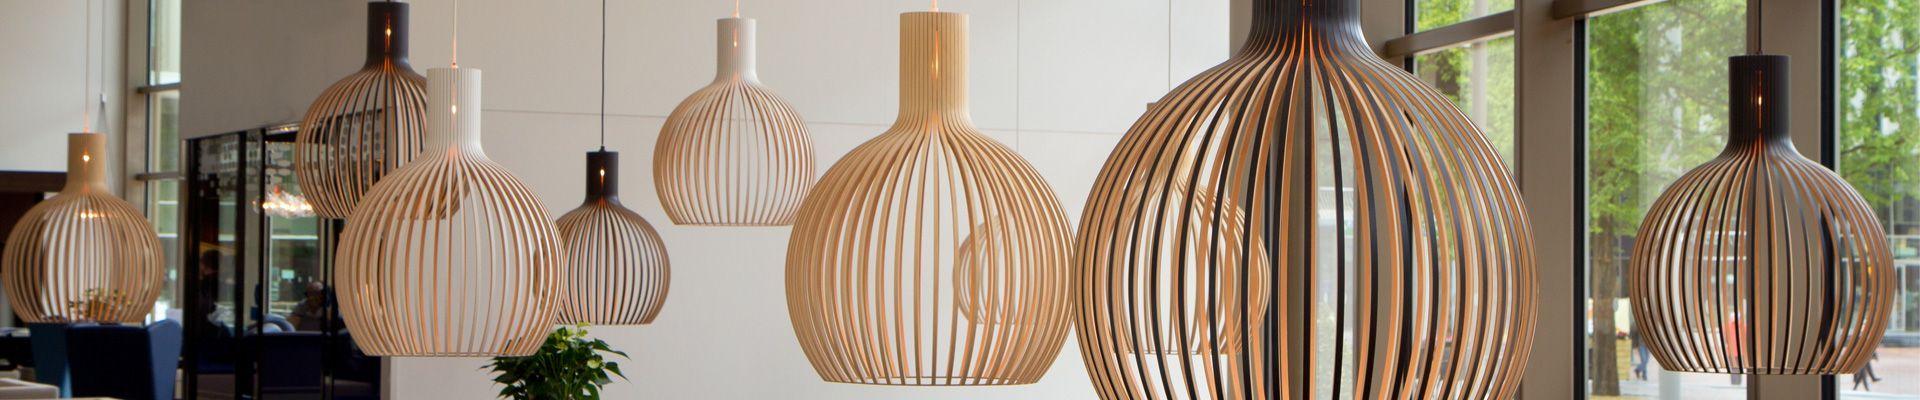 Mooie verlichting maison belle interieuradvies for Grote hanglamp eettafel